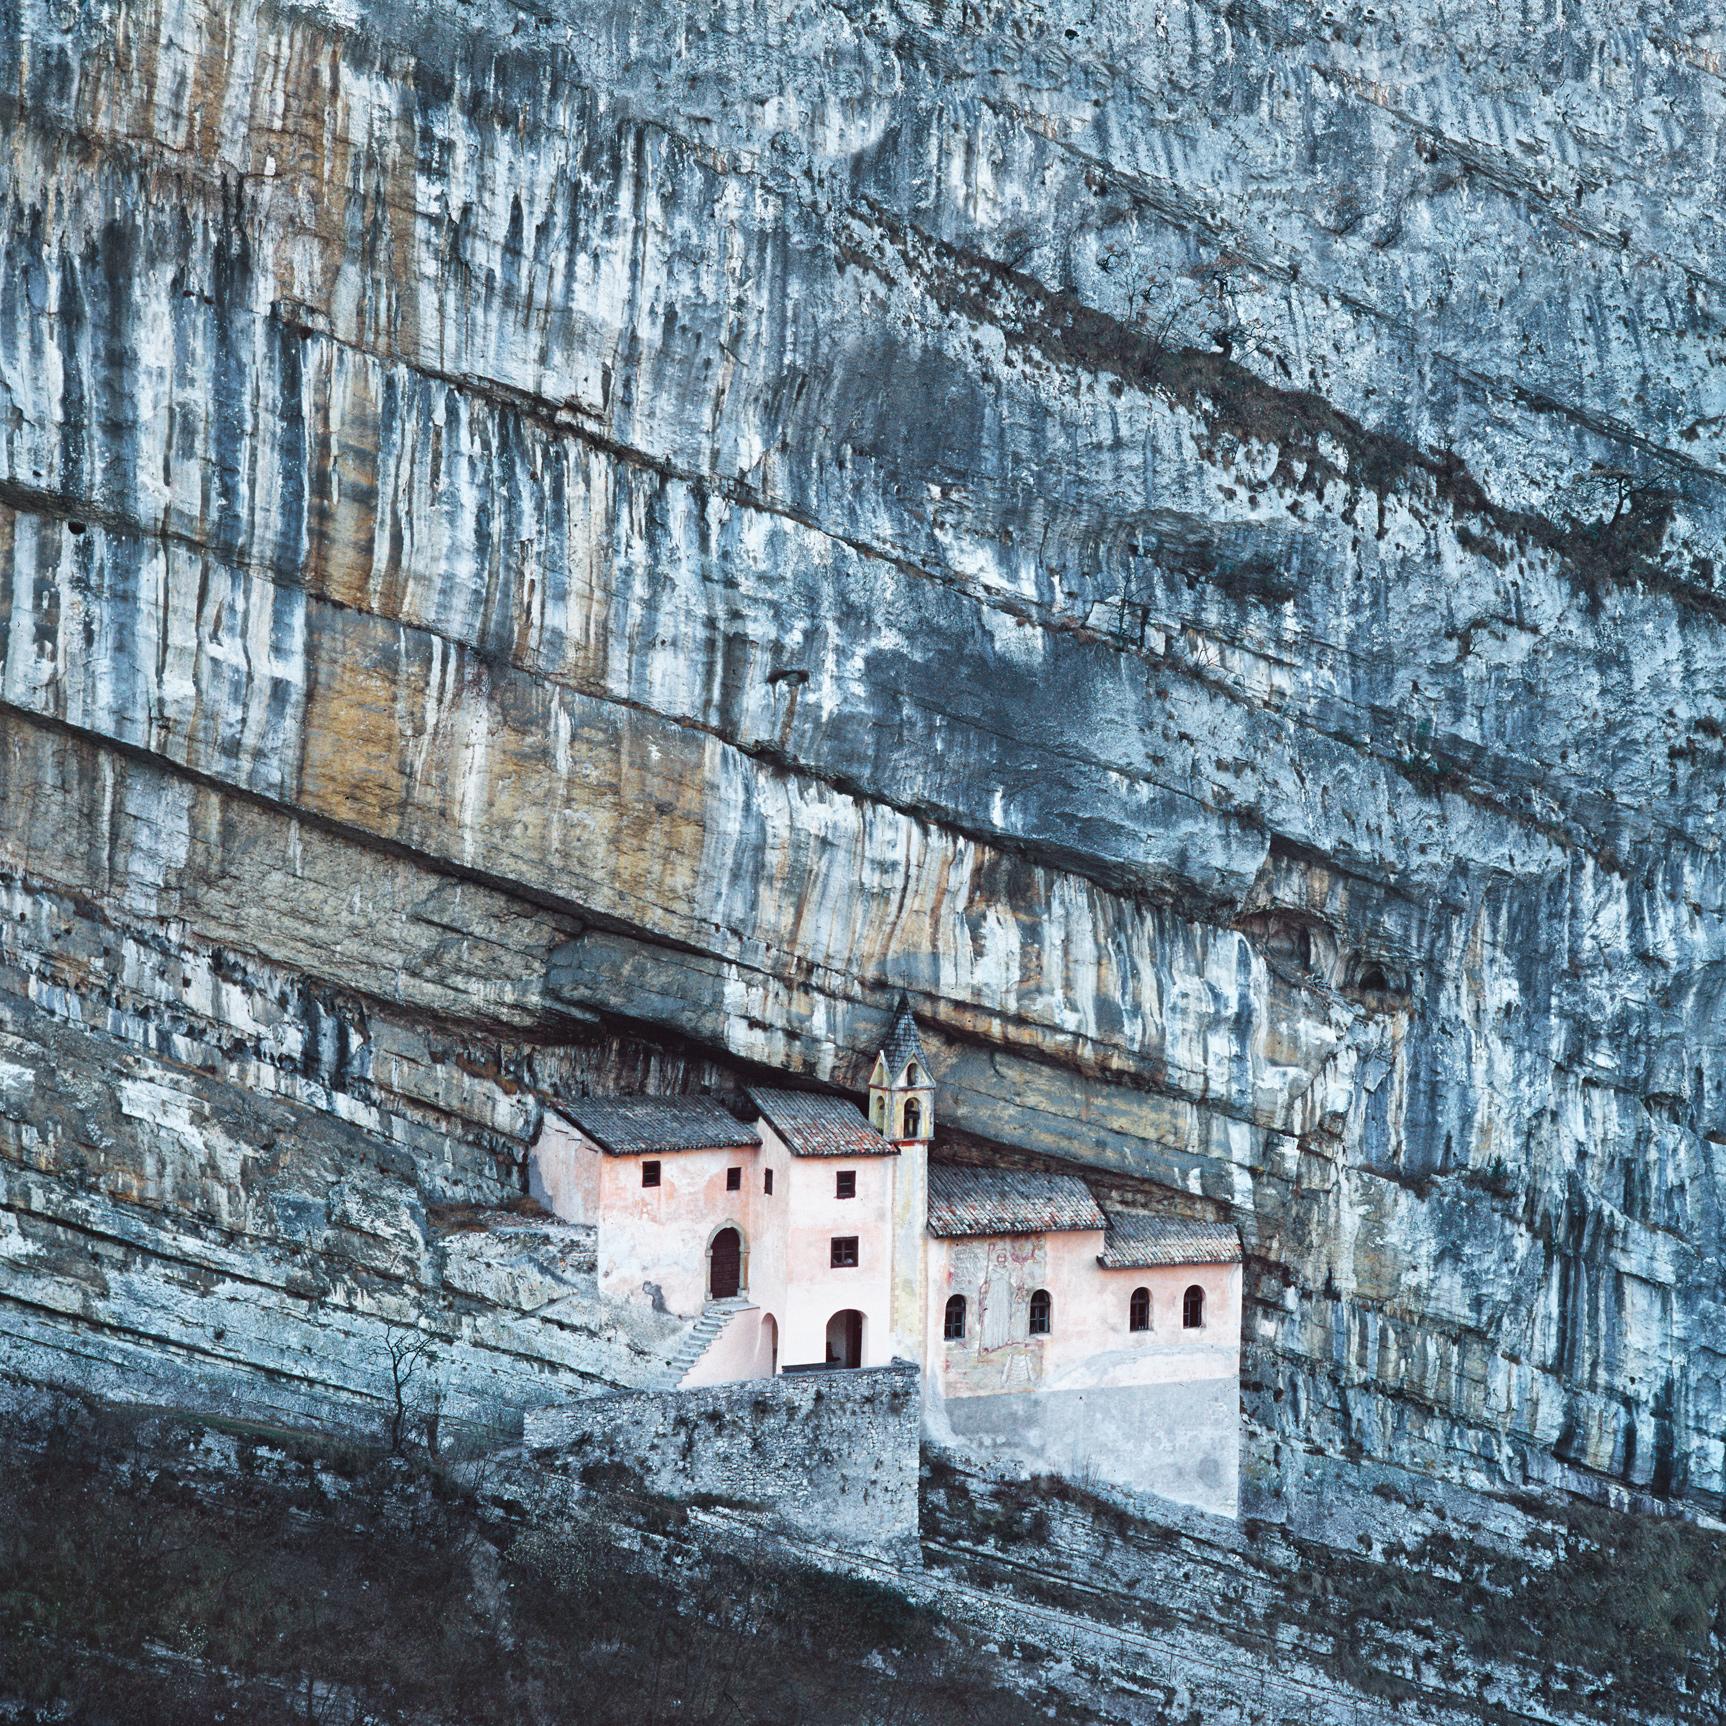 Rovereto, Veneto, Italy (030031)